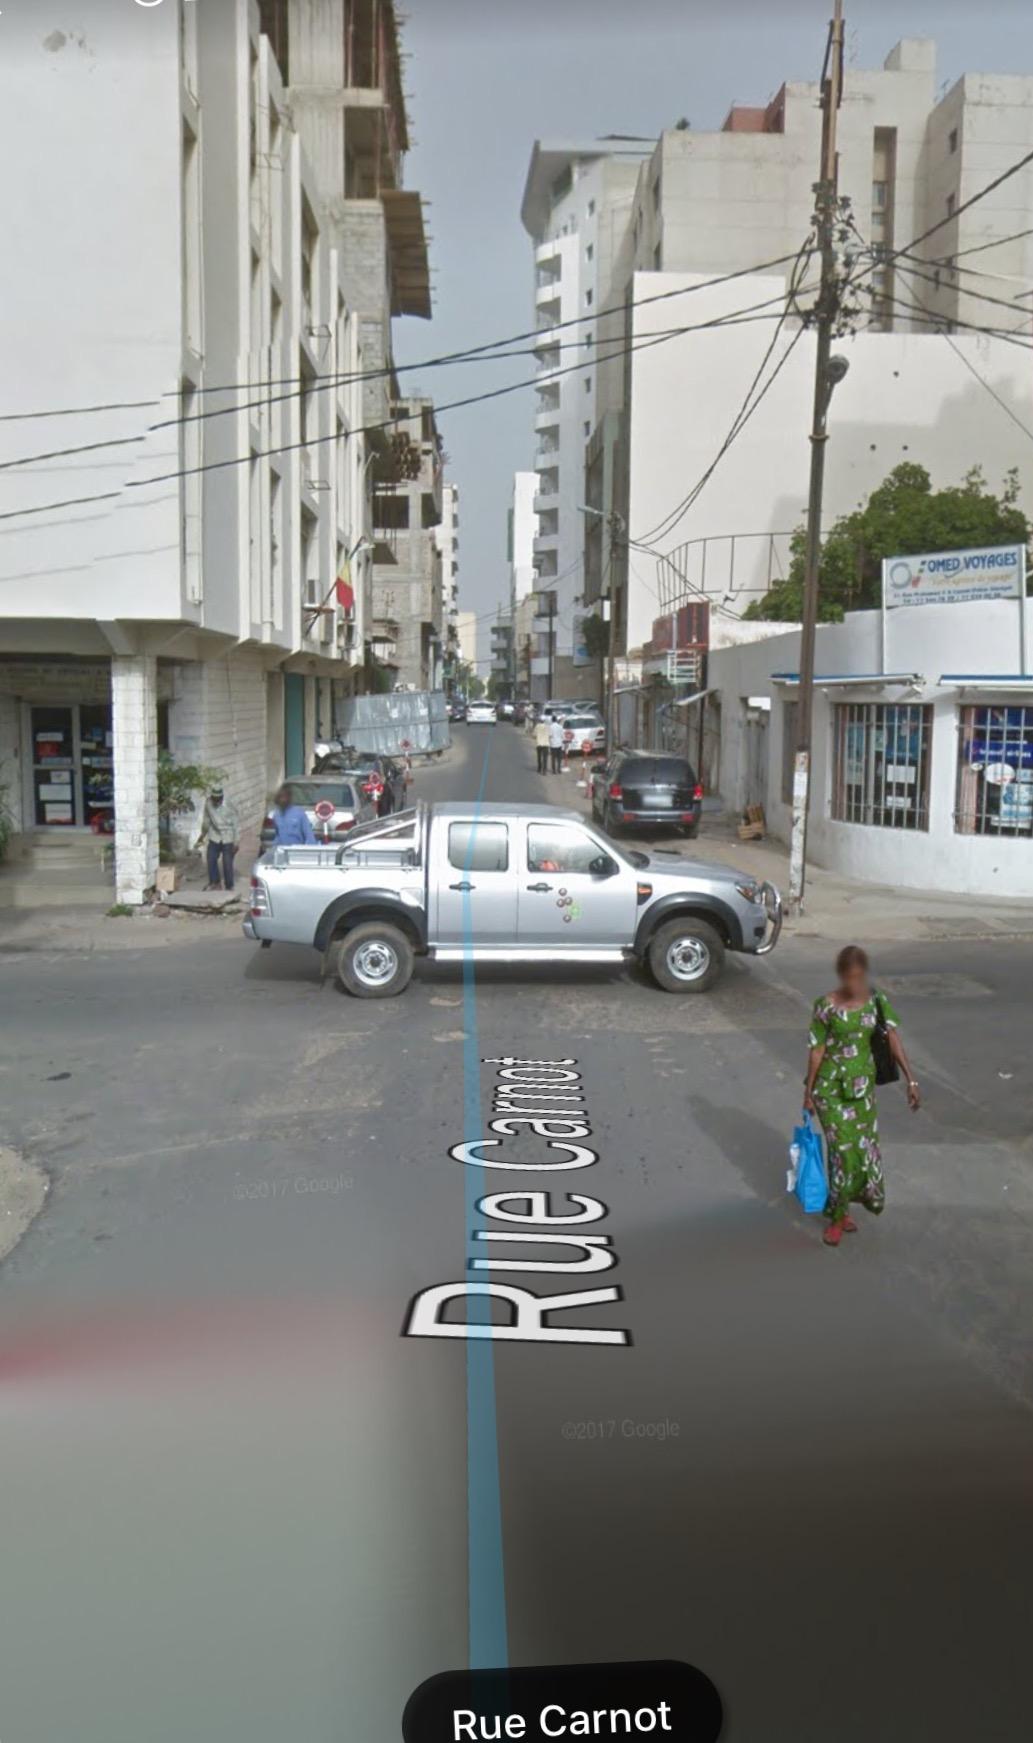 Rue Carnot : Un apprenti maçon chute du 7 ème étage d'un immeuble et meurt sur le coup